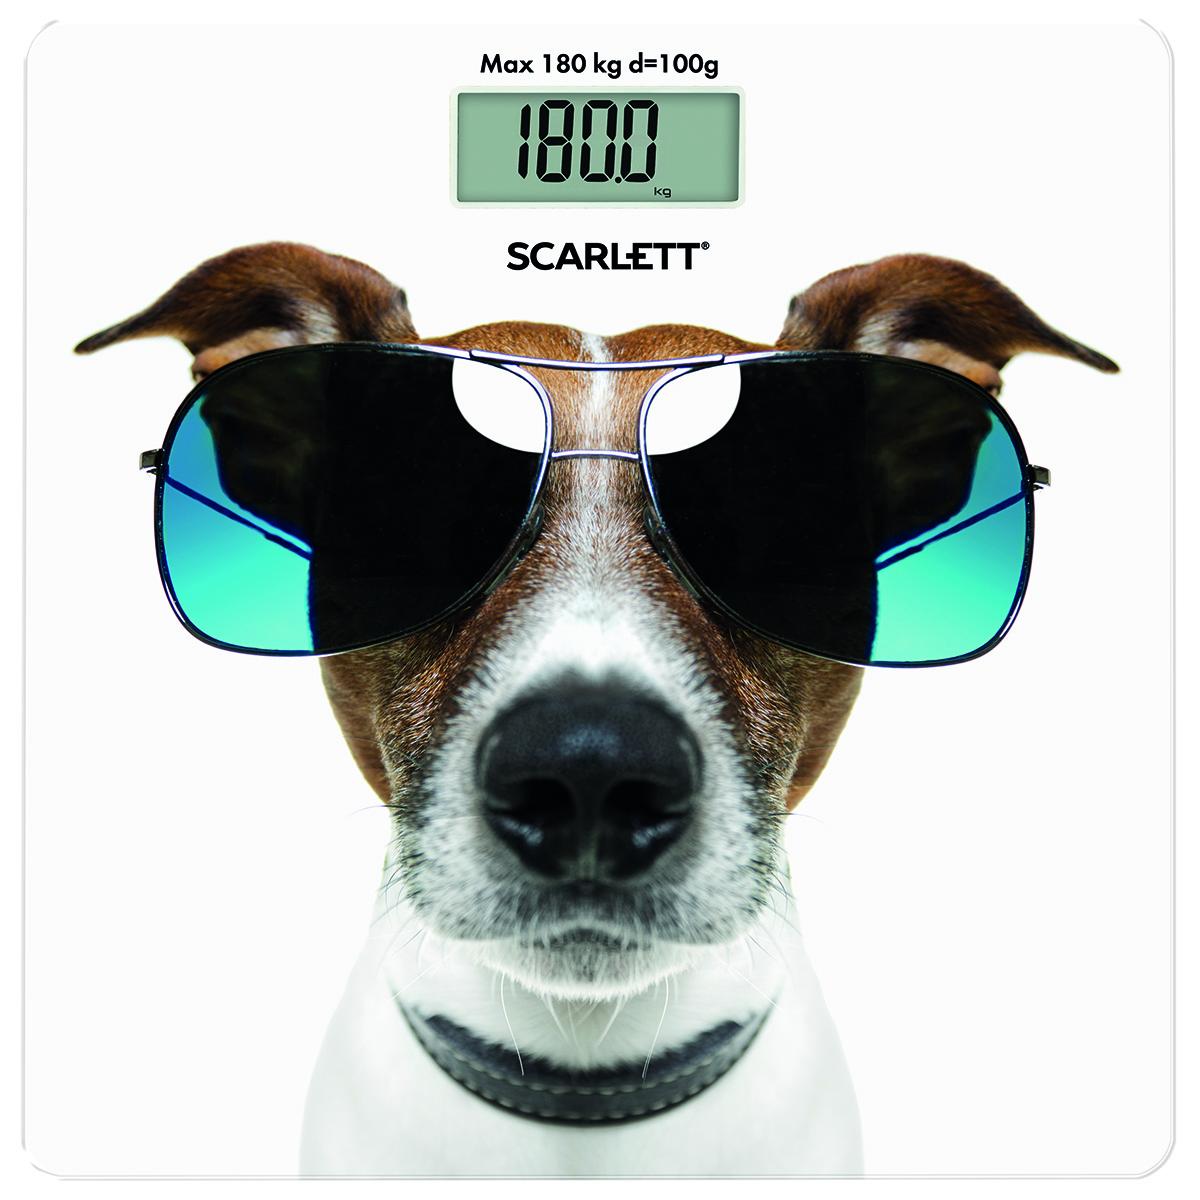 Scarlett SC-BS33E090, Cool Dog весы напольныеSC-BS33E090Напольные весы Scarlett SC-BS33E090 имеют ультратонкий дизайн (5 мм), выполнены из качественного высокопрочного стекла. Весы - это простой и удобный способ контролировать свой вес. Максимальная нагрузка на данную модель может составлять 180 кг.При перегрузе загорится предупреждающий сигнал. Также специальная индикация сообщит пользователям о необходимости замены элемента питания. Чтобы весы начали работать, достаточно просто встать на них. После взвешивания прибор отключится самостоятельно.Модель оснащена прорезиненными ножками для предотвращения скольжения и высокочувствительными датчиками.Питание: одна батарейка типа 3V CR2032 (включена в комплект).